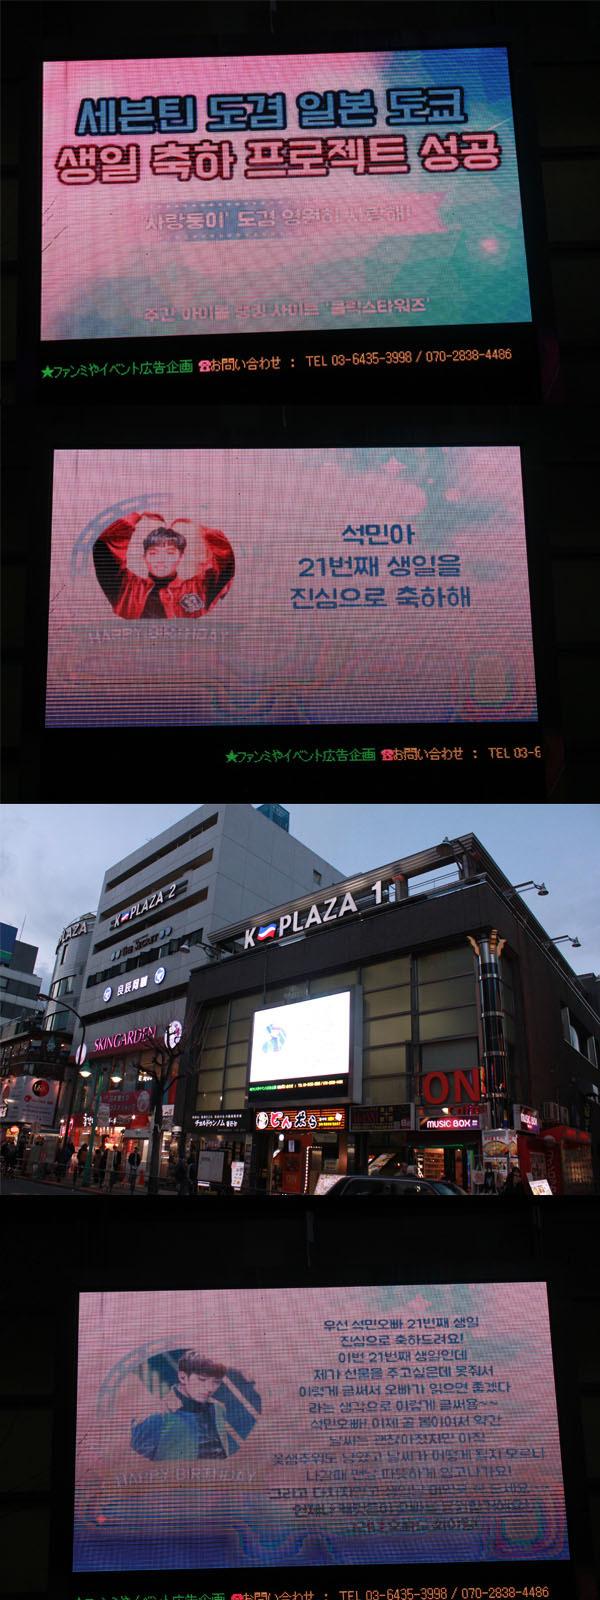 '클릭스타워즈'가 그룹 세븐틴의 도겸 생일 전광판을 공개했다. 이 전광판은 일본 도쿄 한류거리에서 상영 중이다. /클릭스타워즈 제공